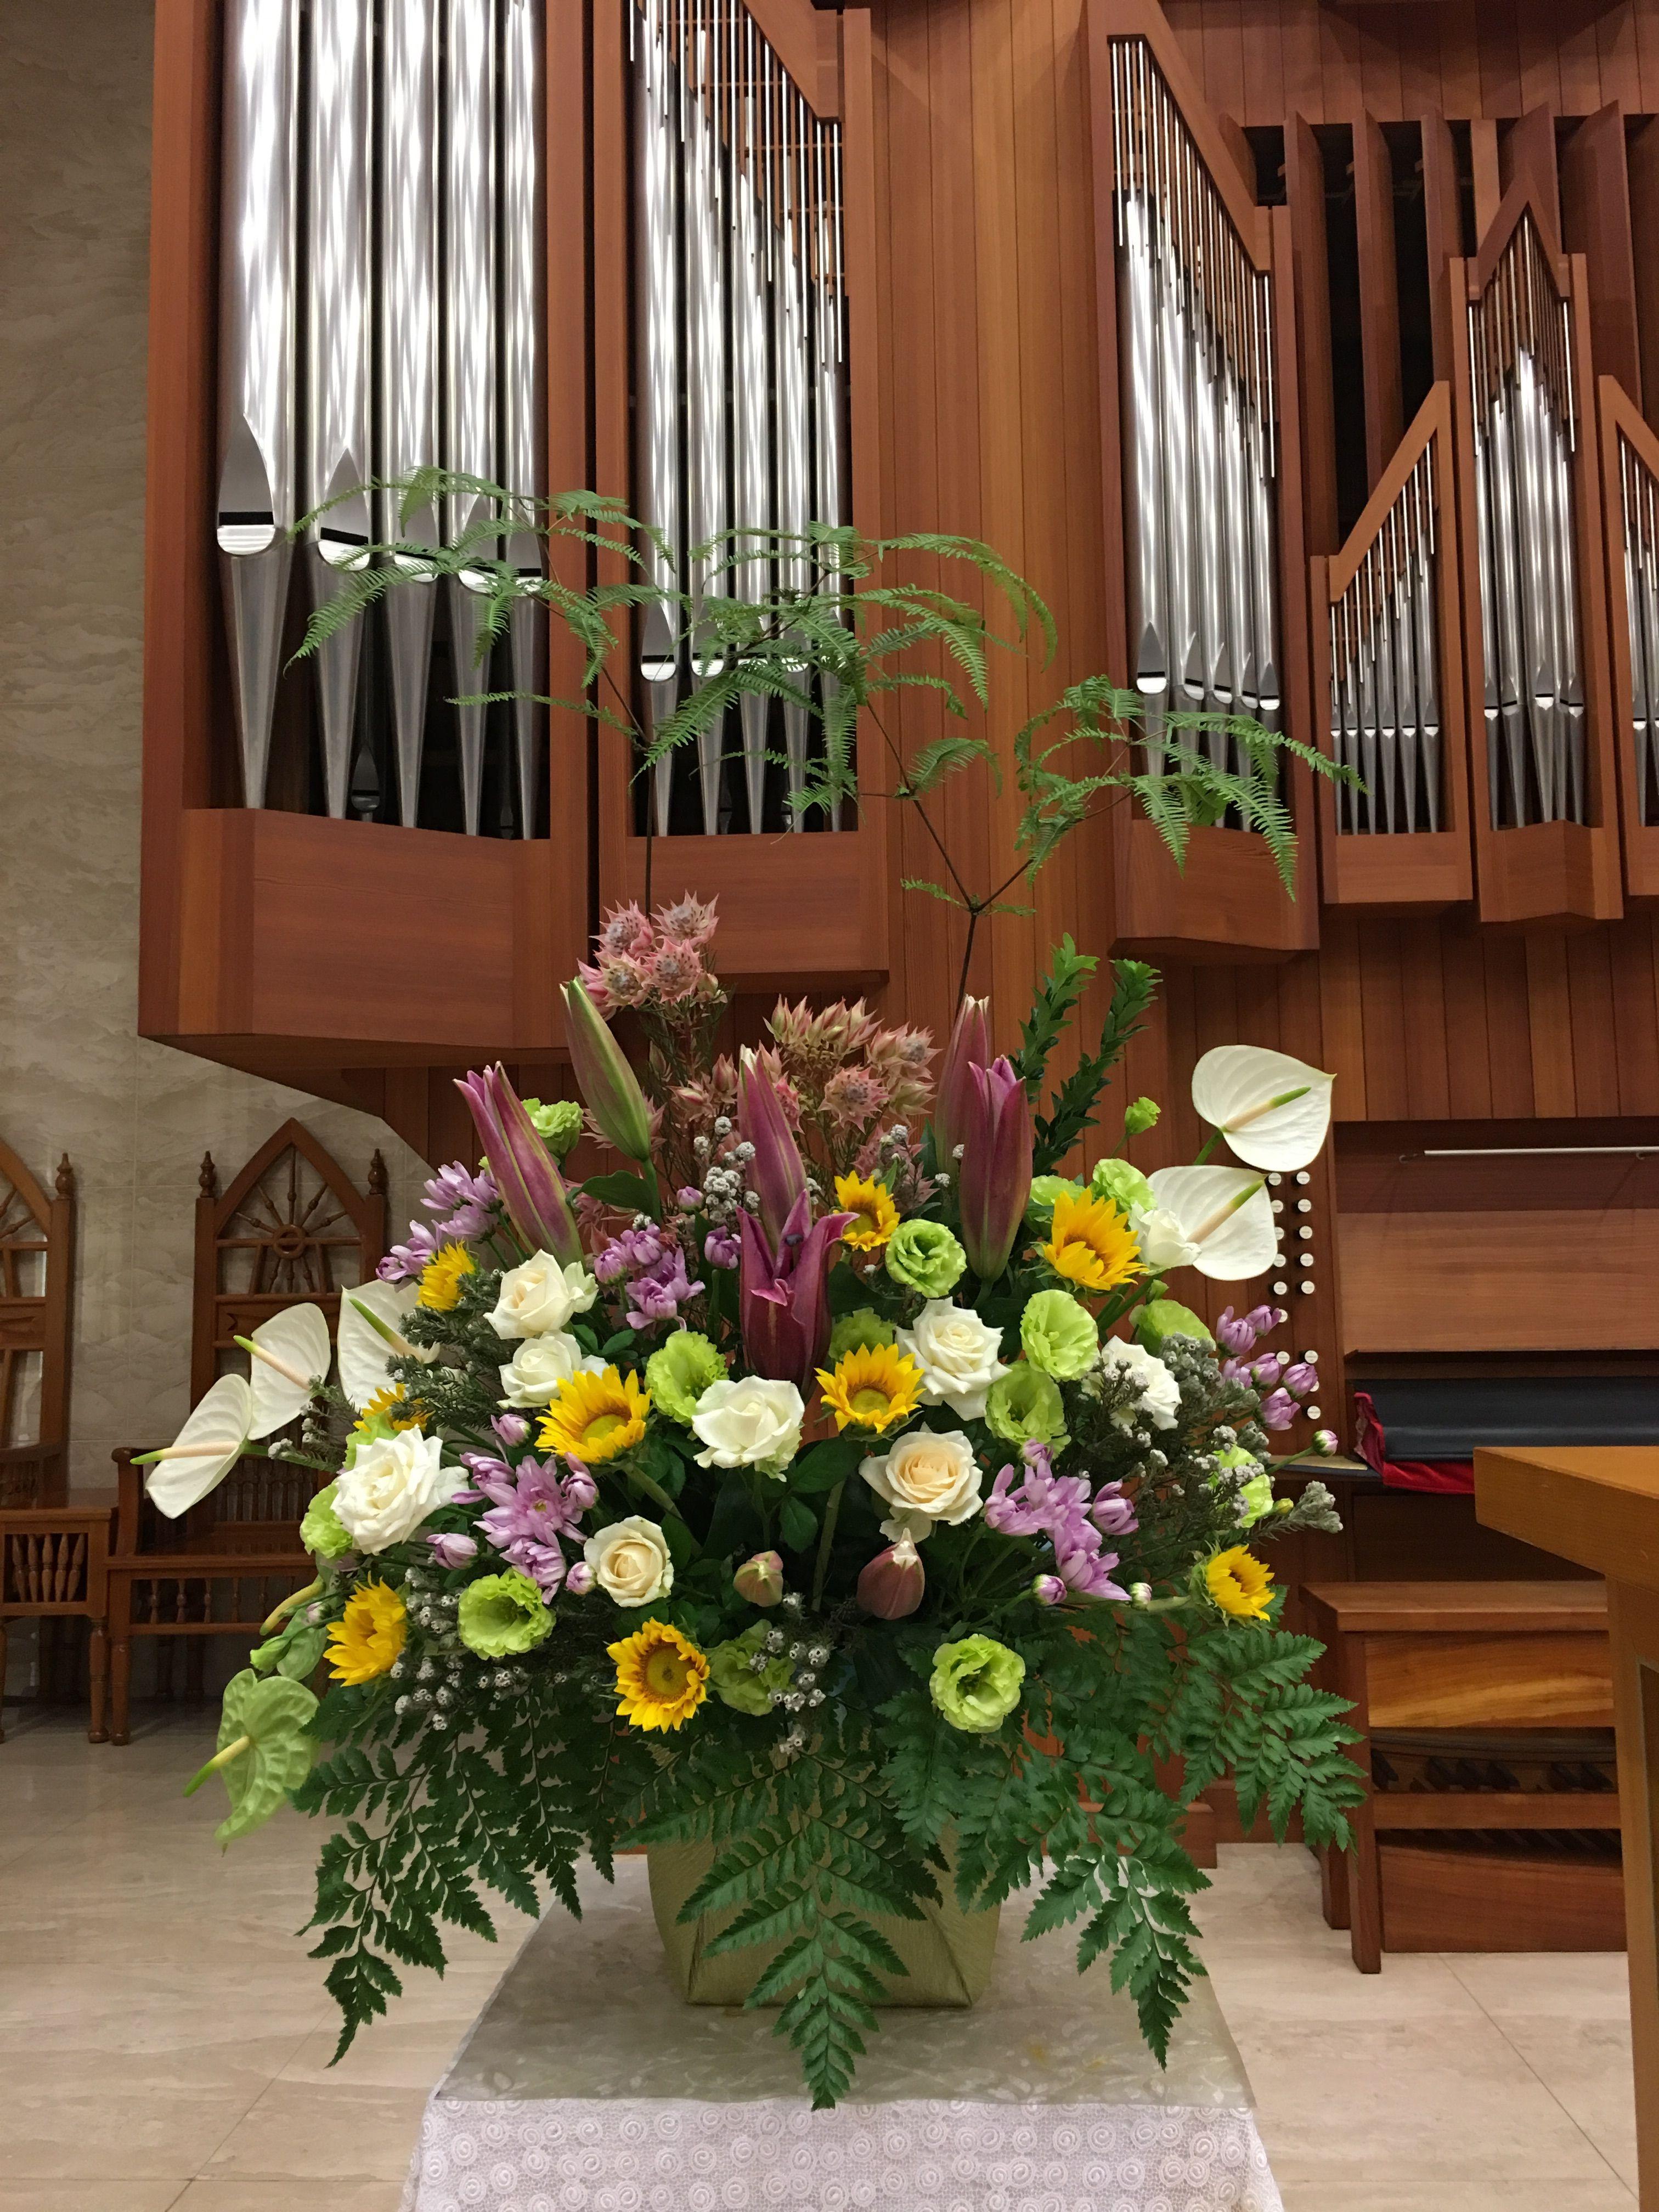 2019.06.23 主日插花 01 Flower arrangements for the church